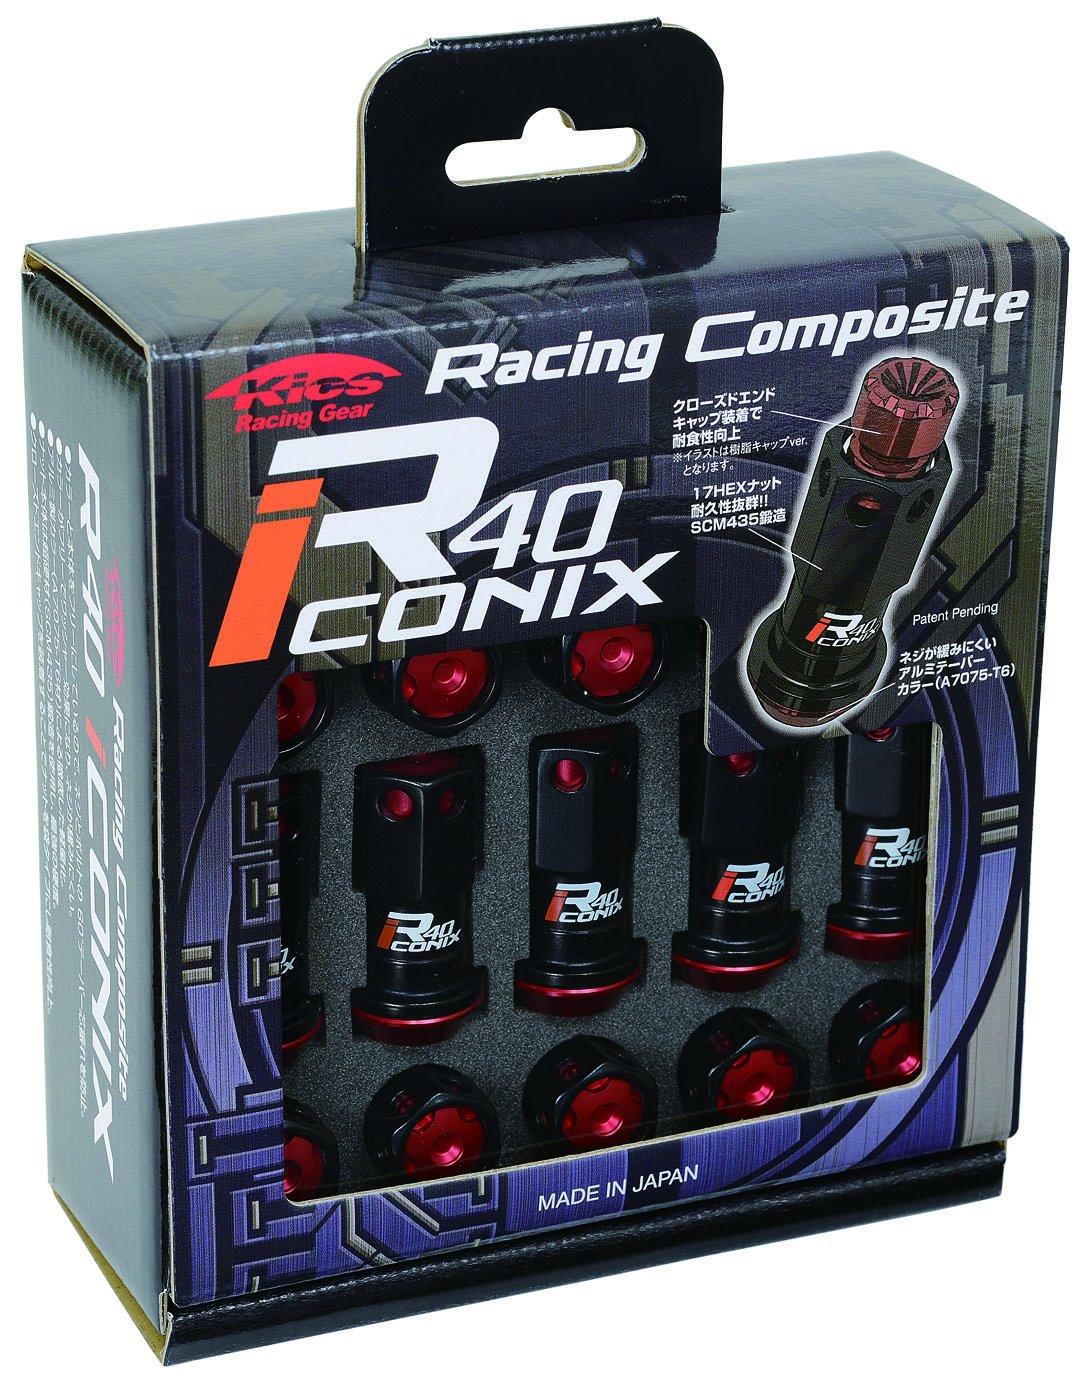 KYO-EI (協永産業) ホイールナット Racing Composite R40 iCONIX 【 M12 x P1.25 】 アルミキャップ付 【 ブラック/レッド 】 RIA-03KR B00OYSKEV4レッド